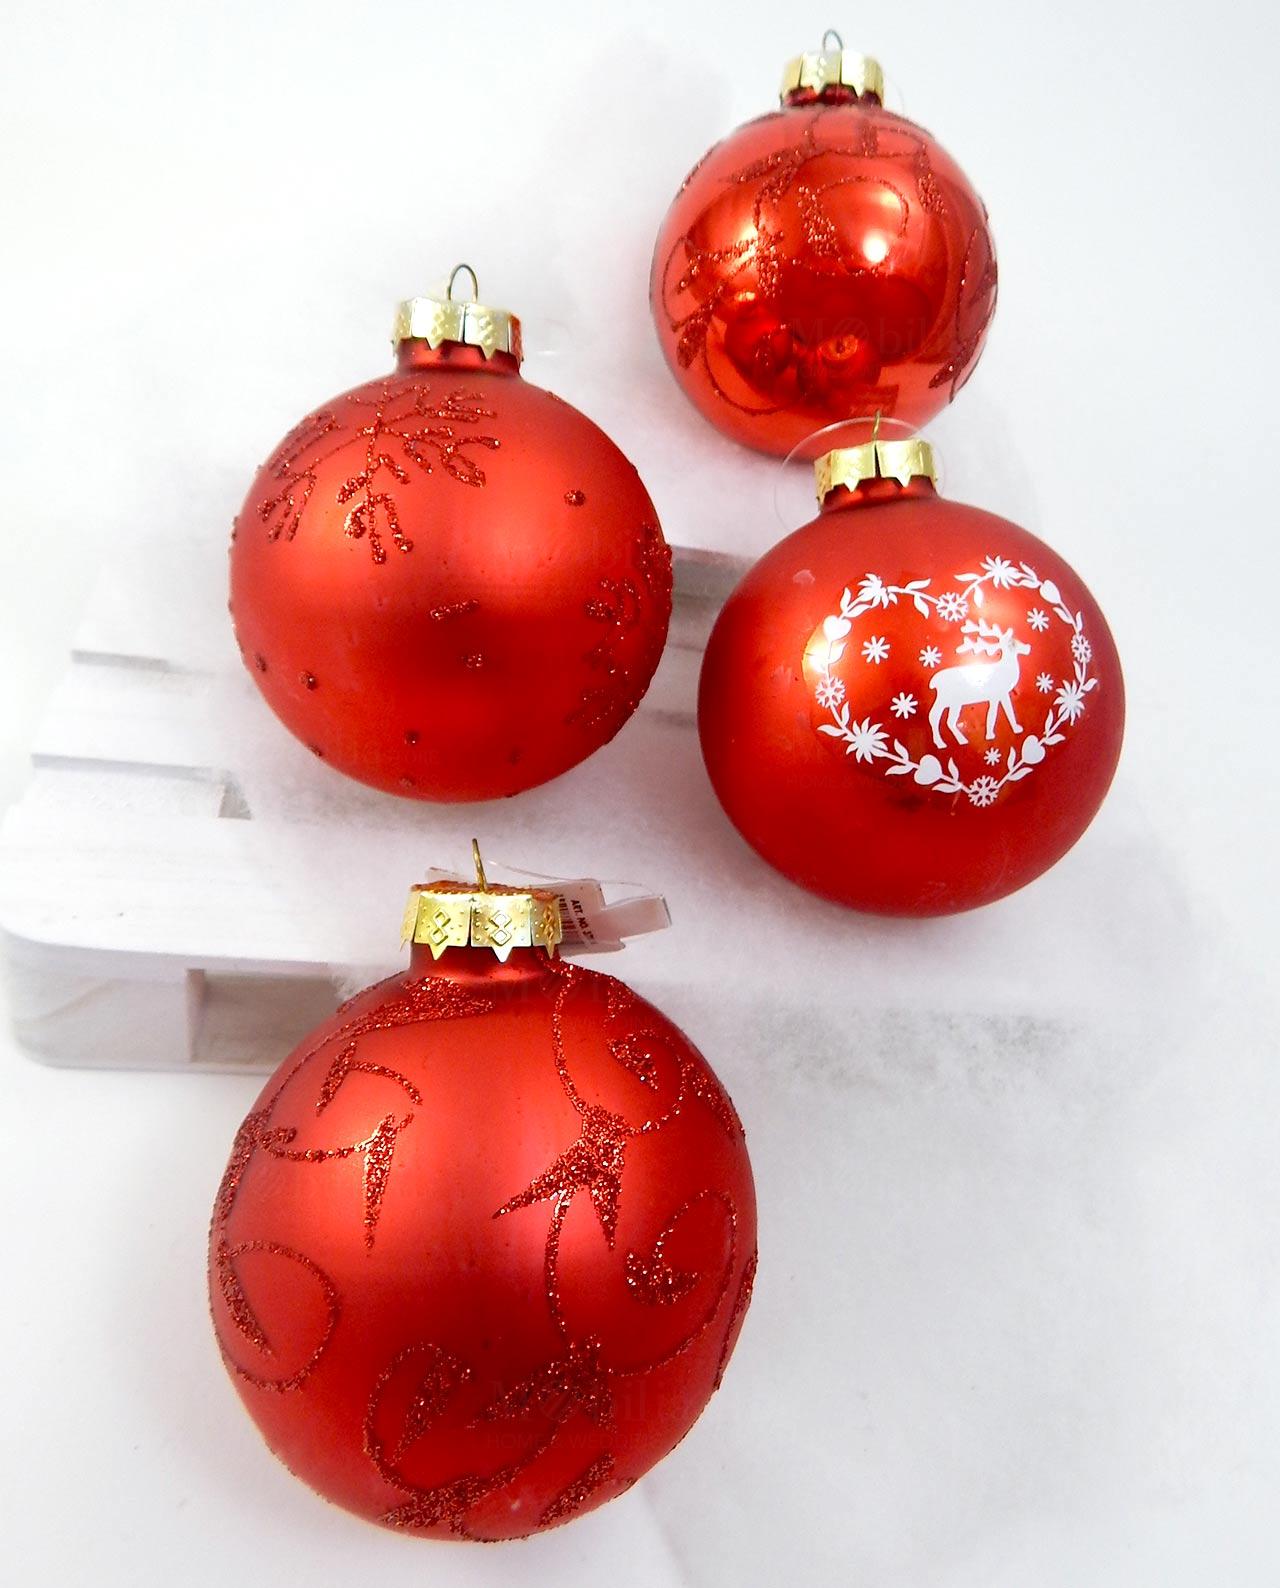 Palline Di Natale Immagini.Palline Di Natale Rosse In Vetro Assortite